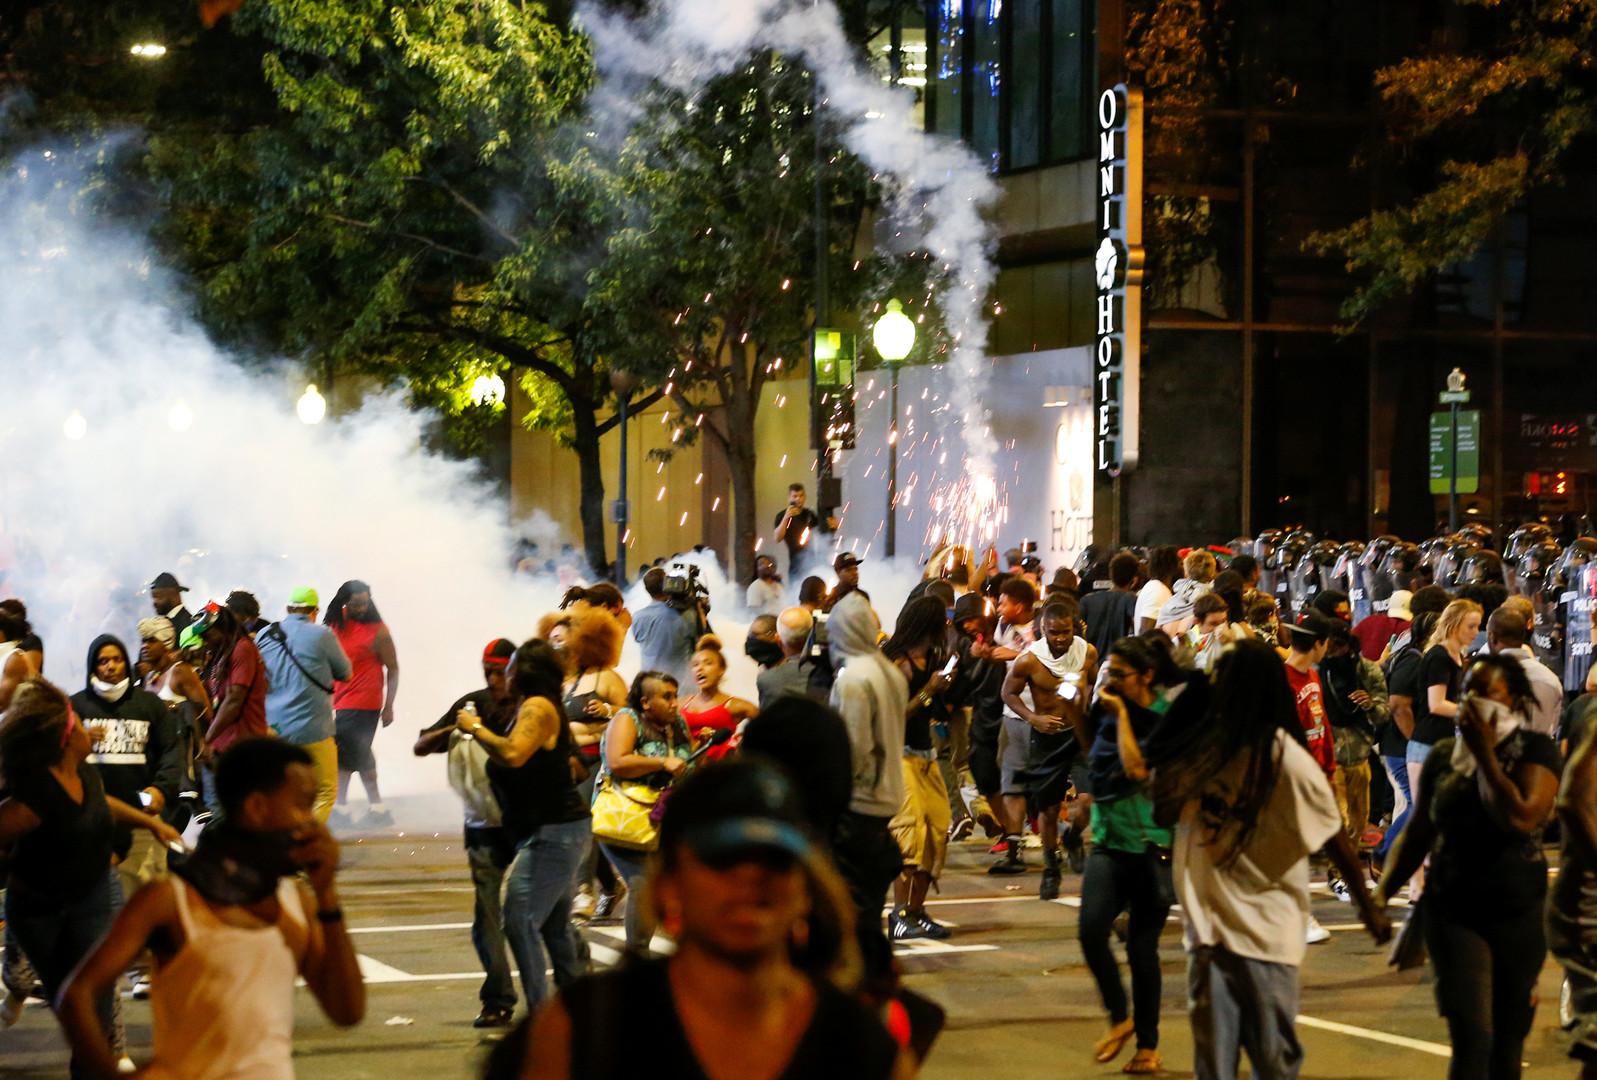 В американском Шарлотте введён режим ЧП из-за беспорядков